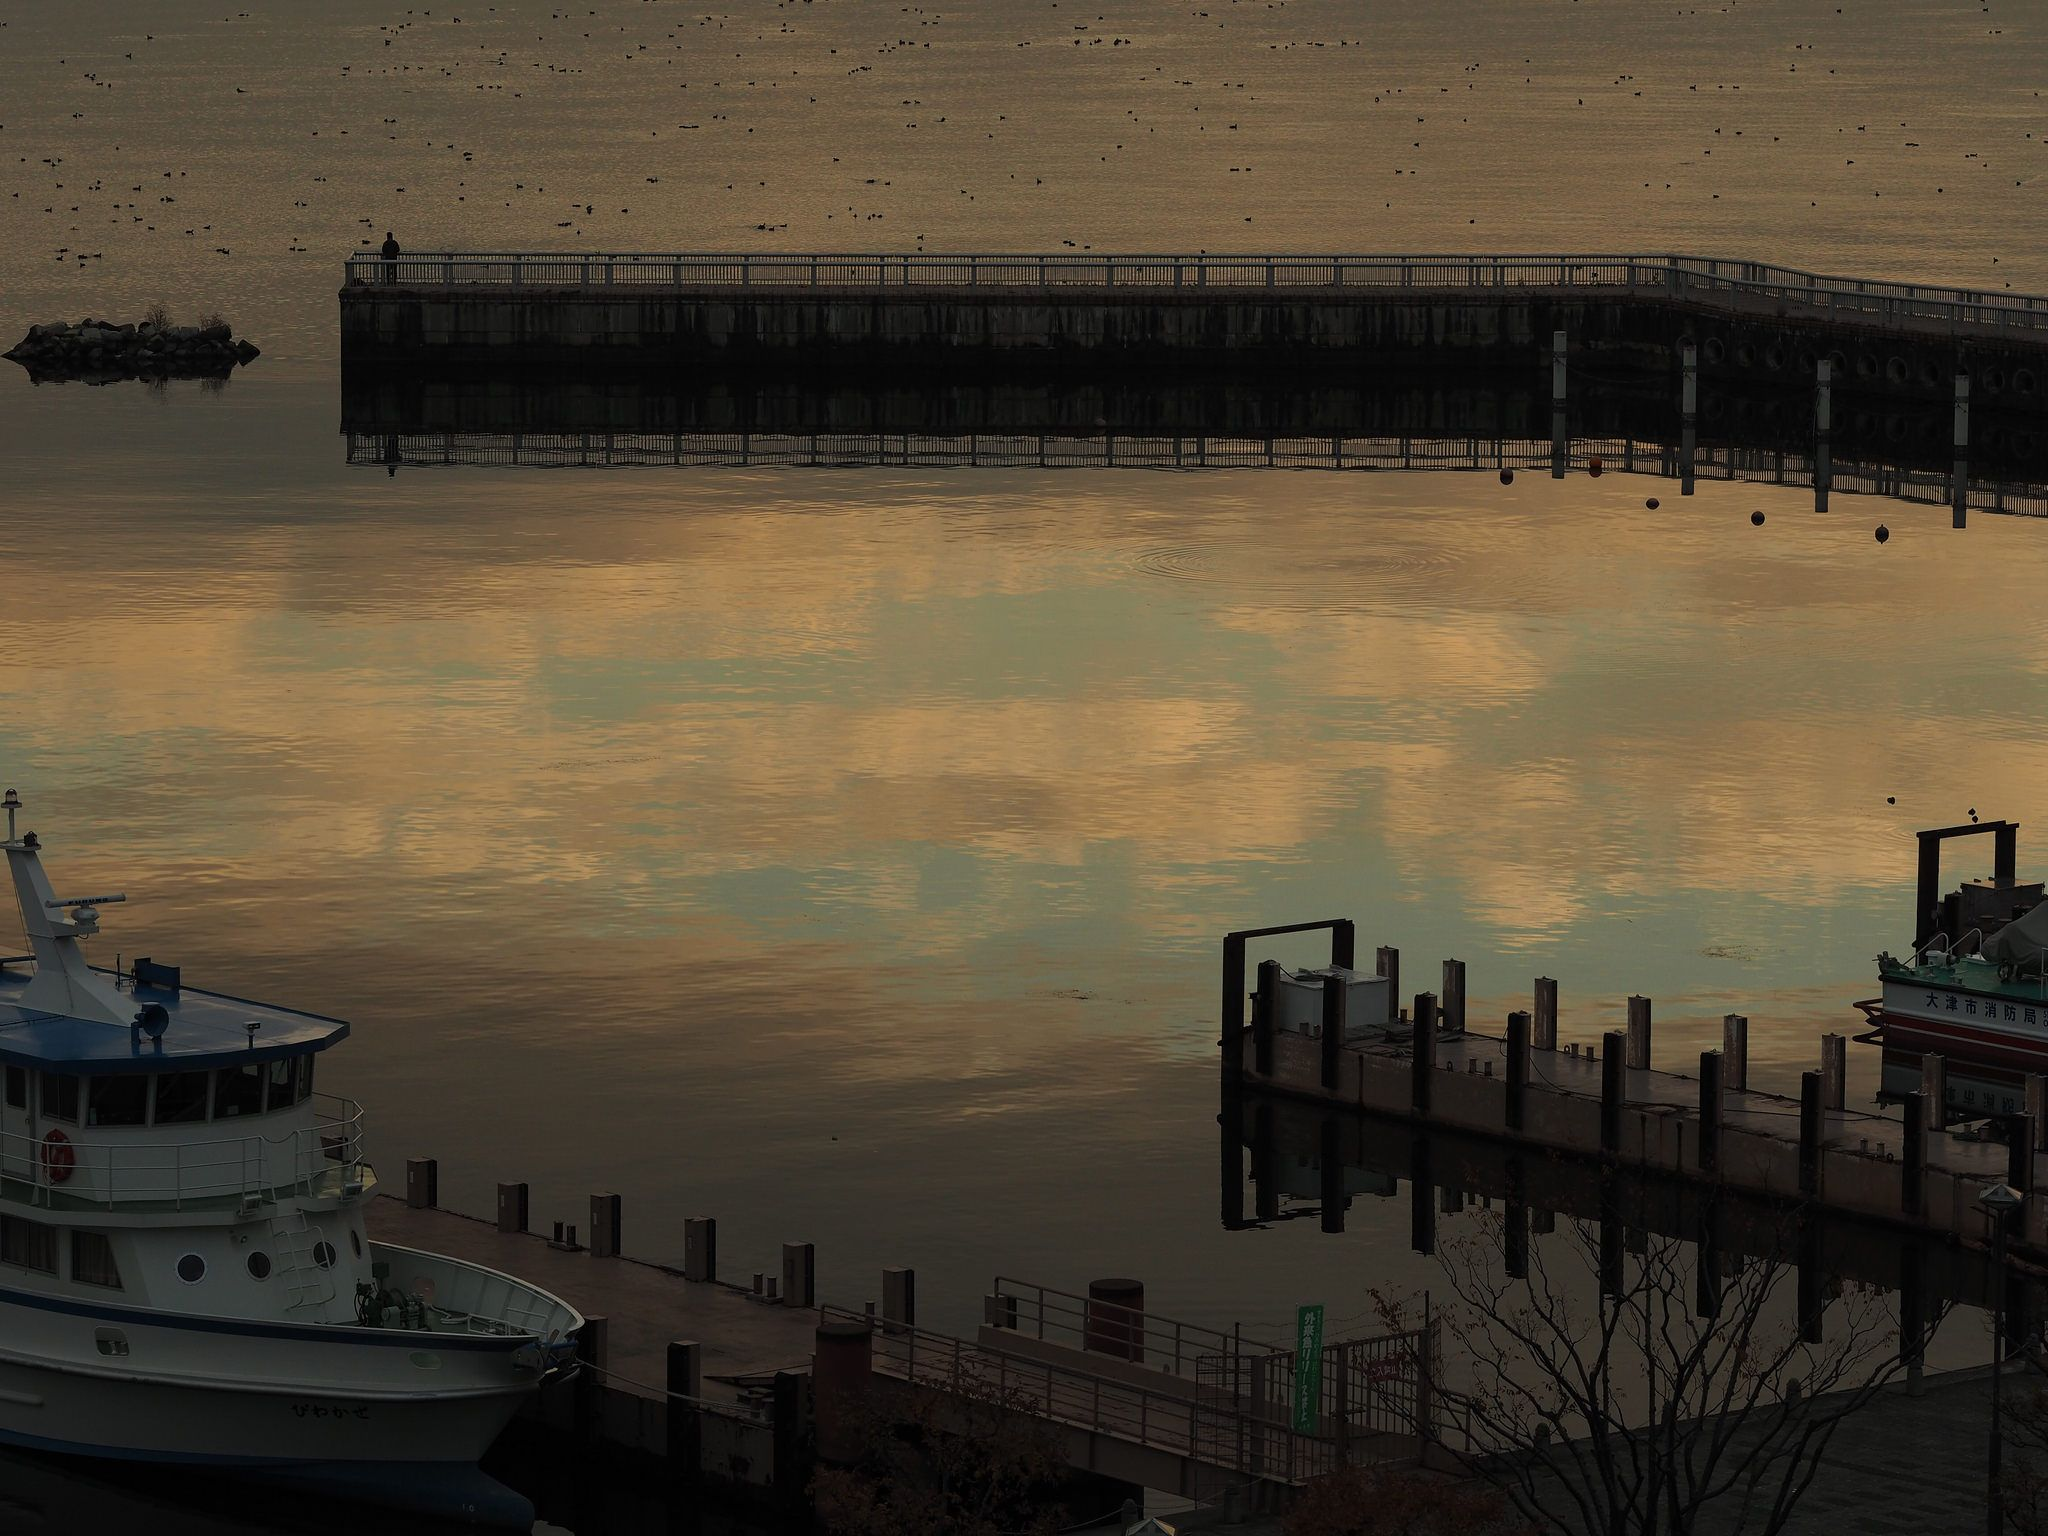 https://flic.kr/p/CMxpxx | Lake Biwa - 琵琶湖の朝 | OLYMPUS DIGITAL CAMERA